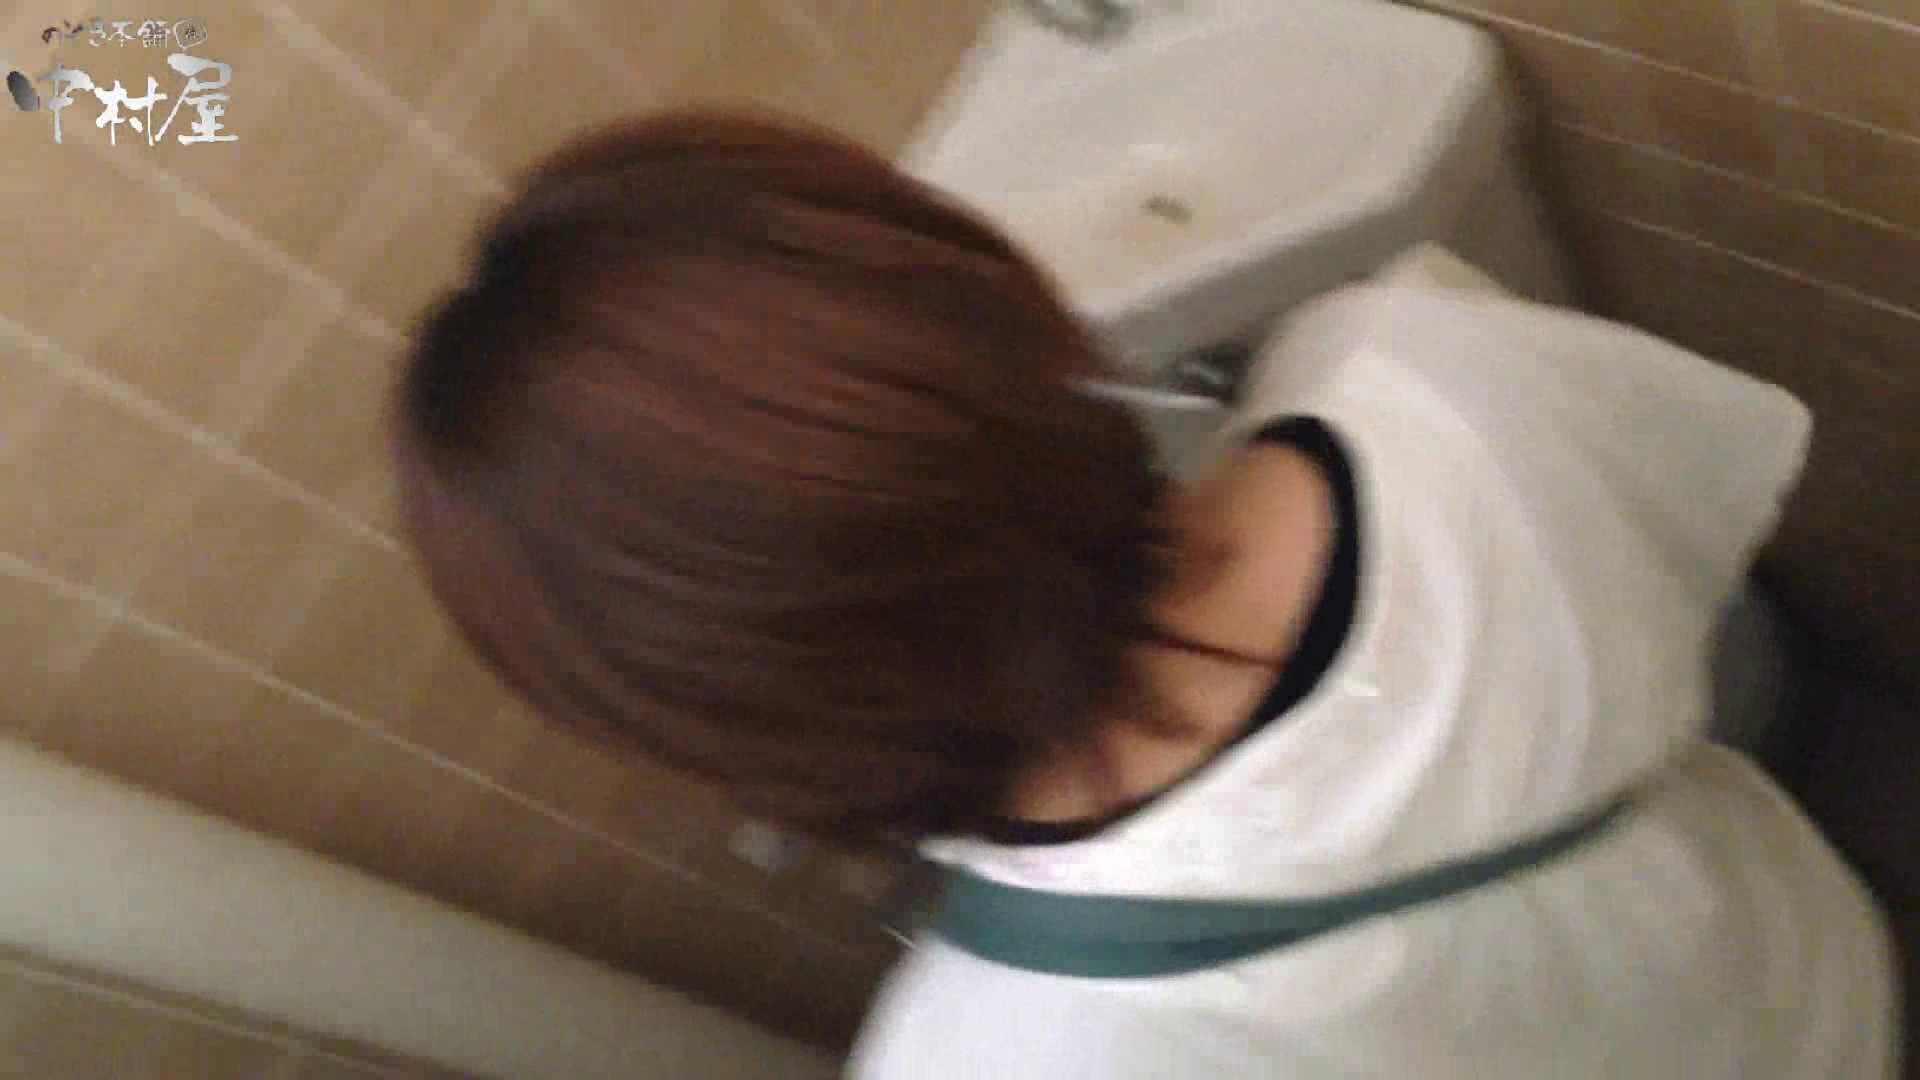 部活女子トイレ潜入編vol.5 盗撮   HなOL  79pic 45